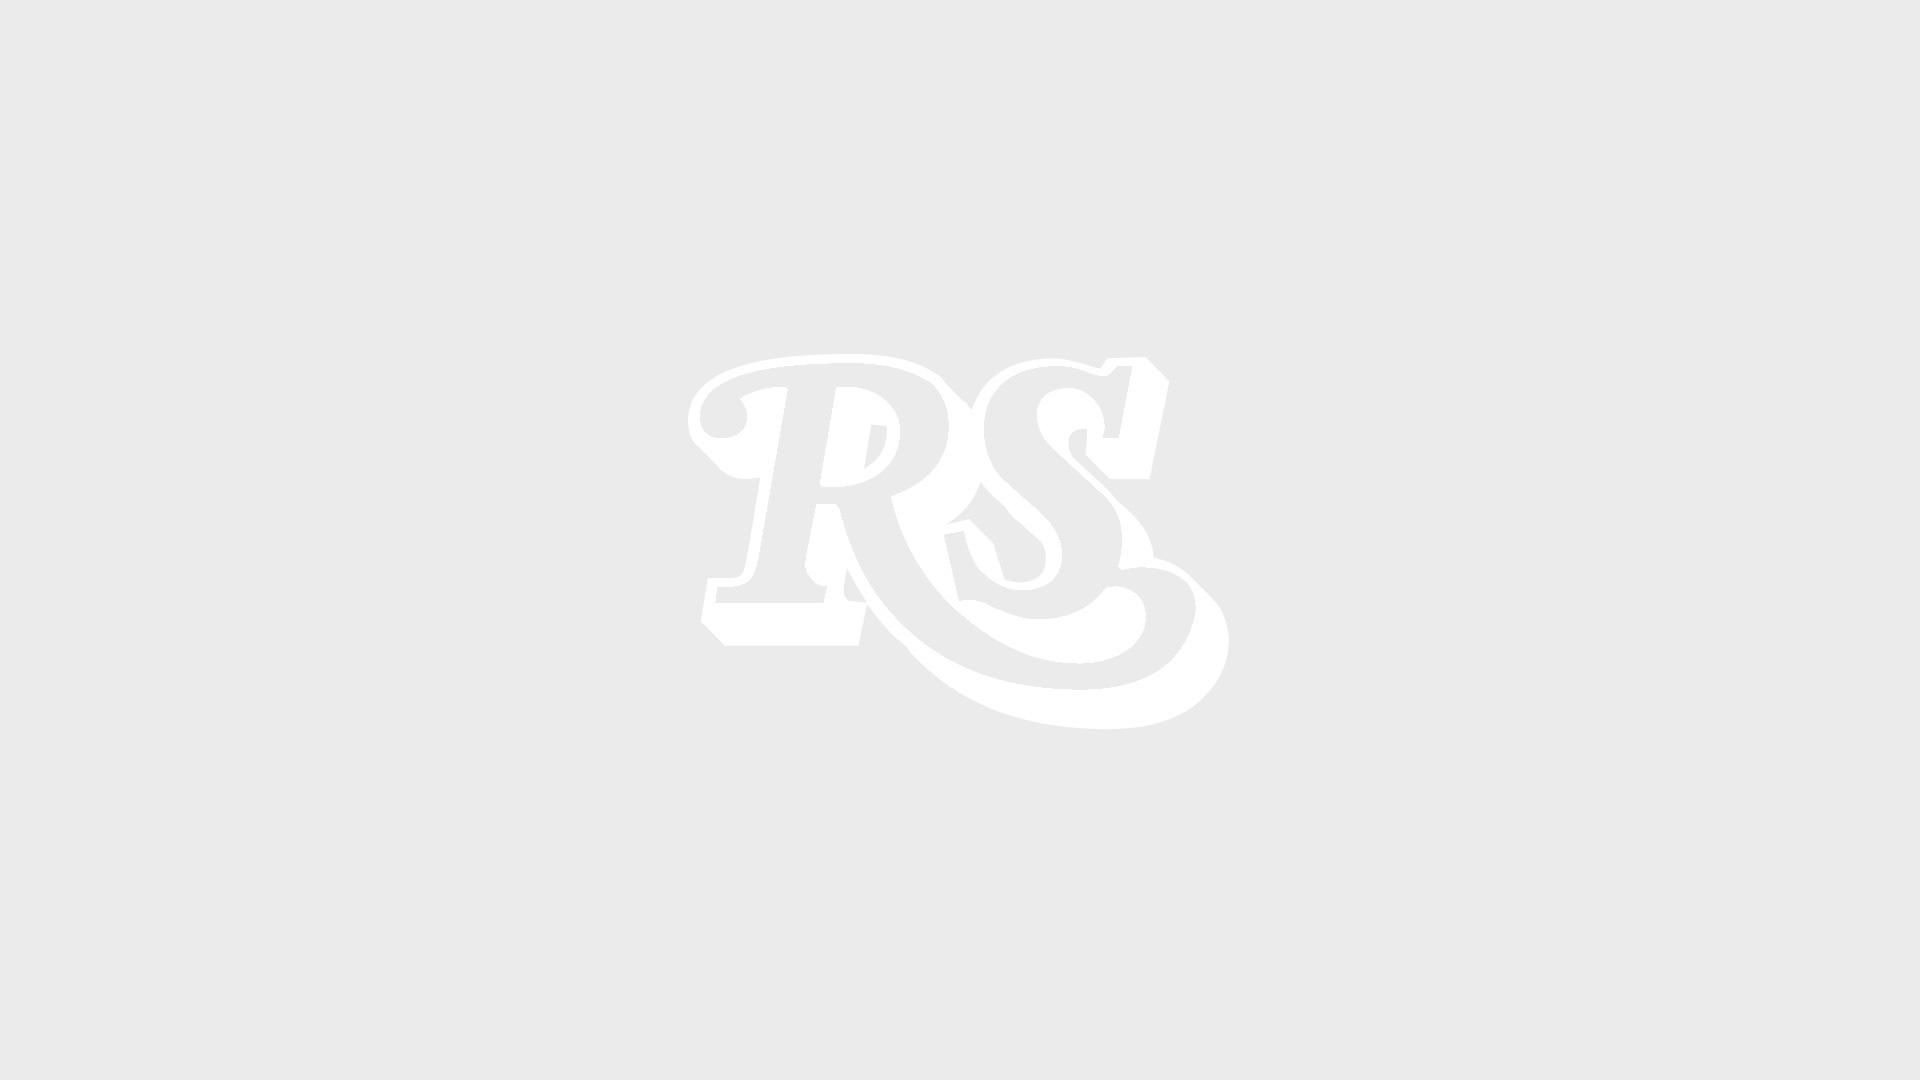 Spotify-CEO Daniel Ek bittet die User des Streaming-Portals um Verzeihung